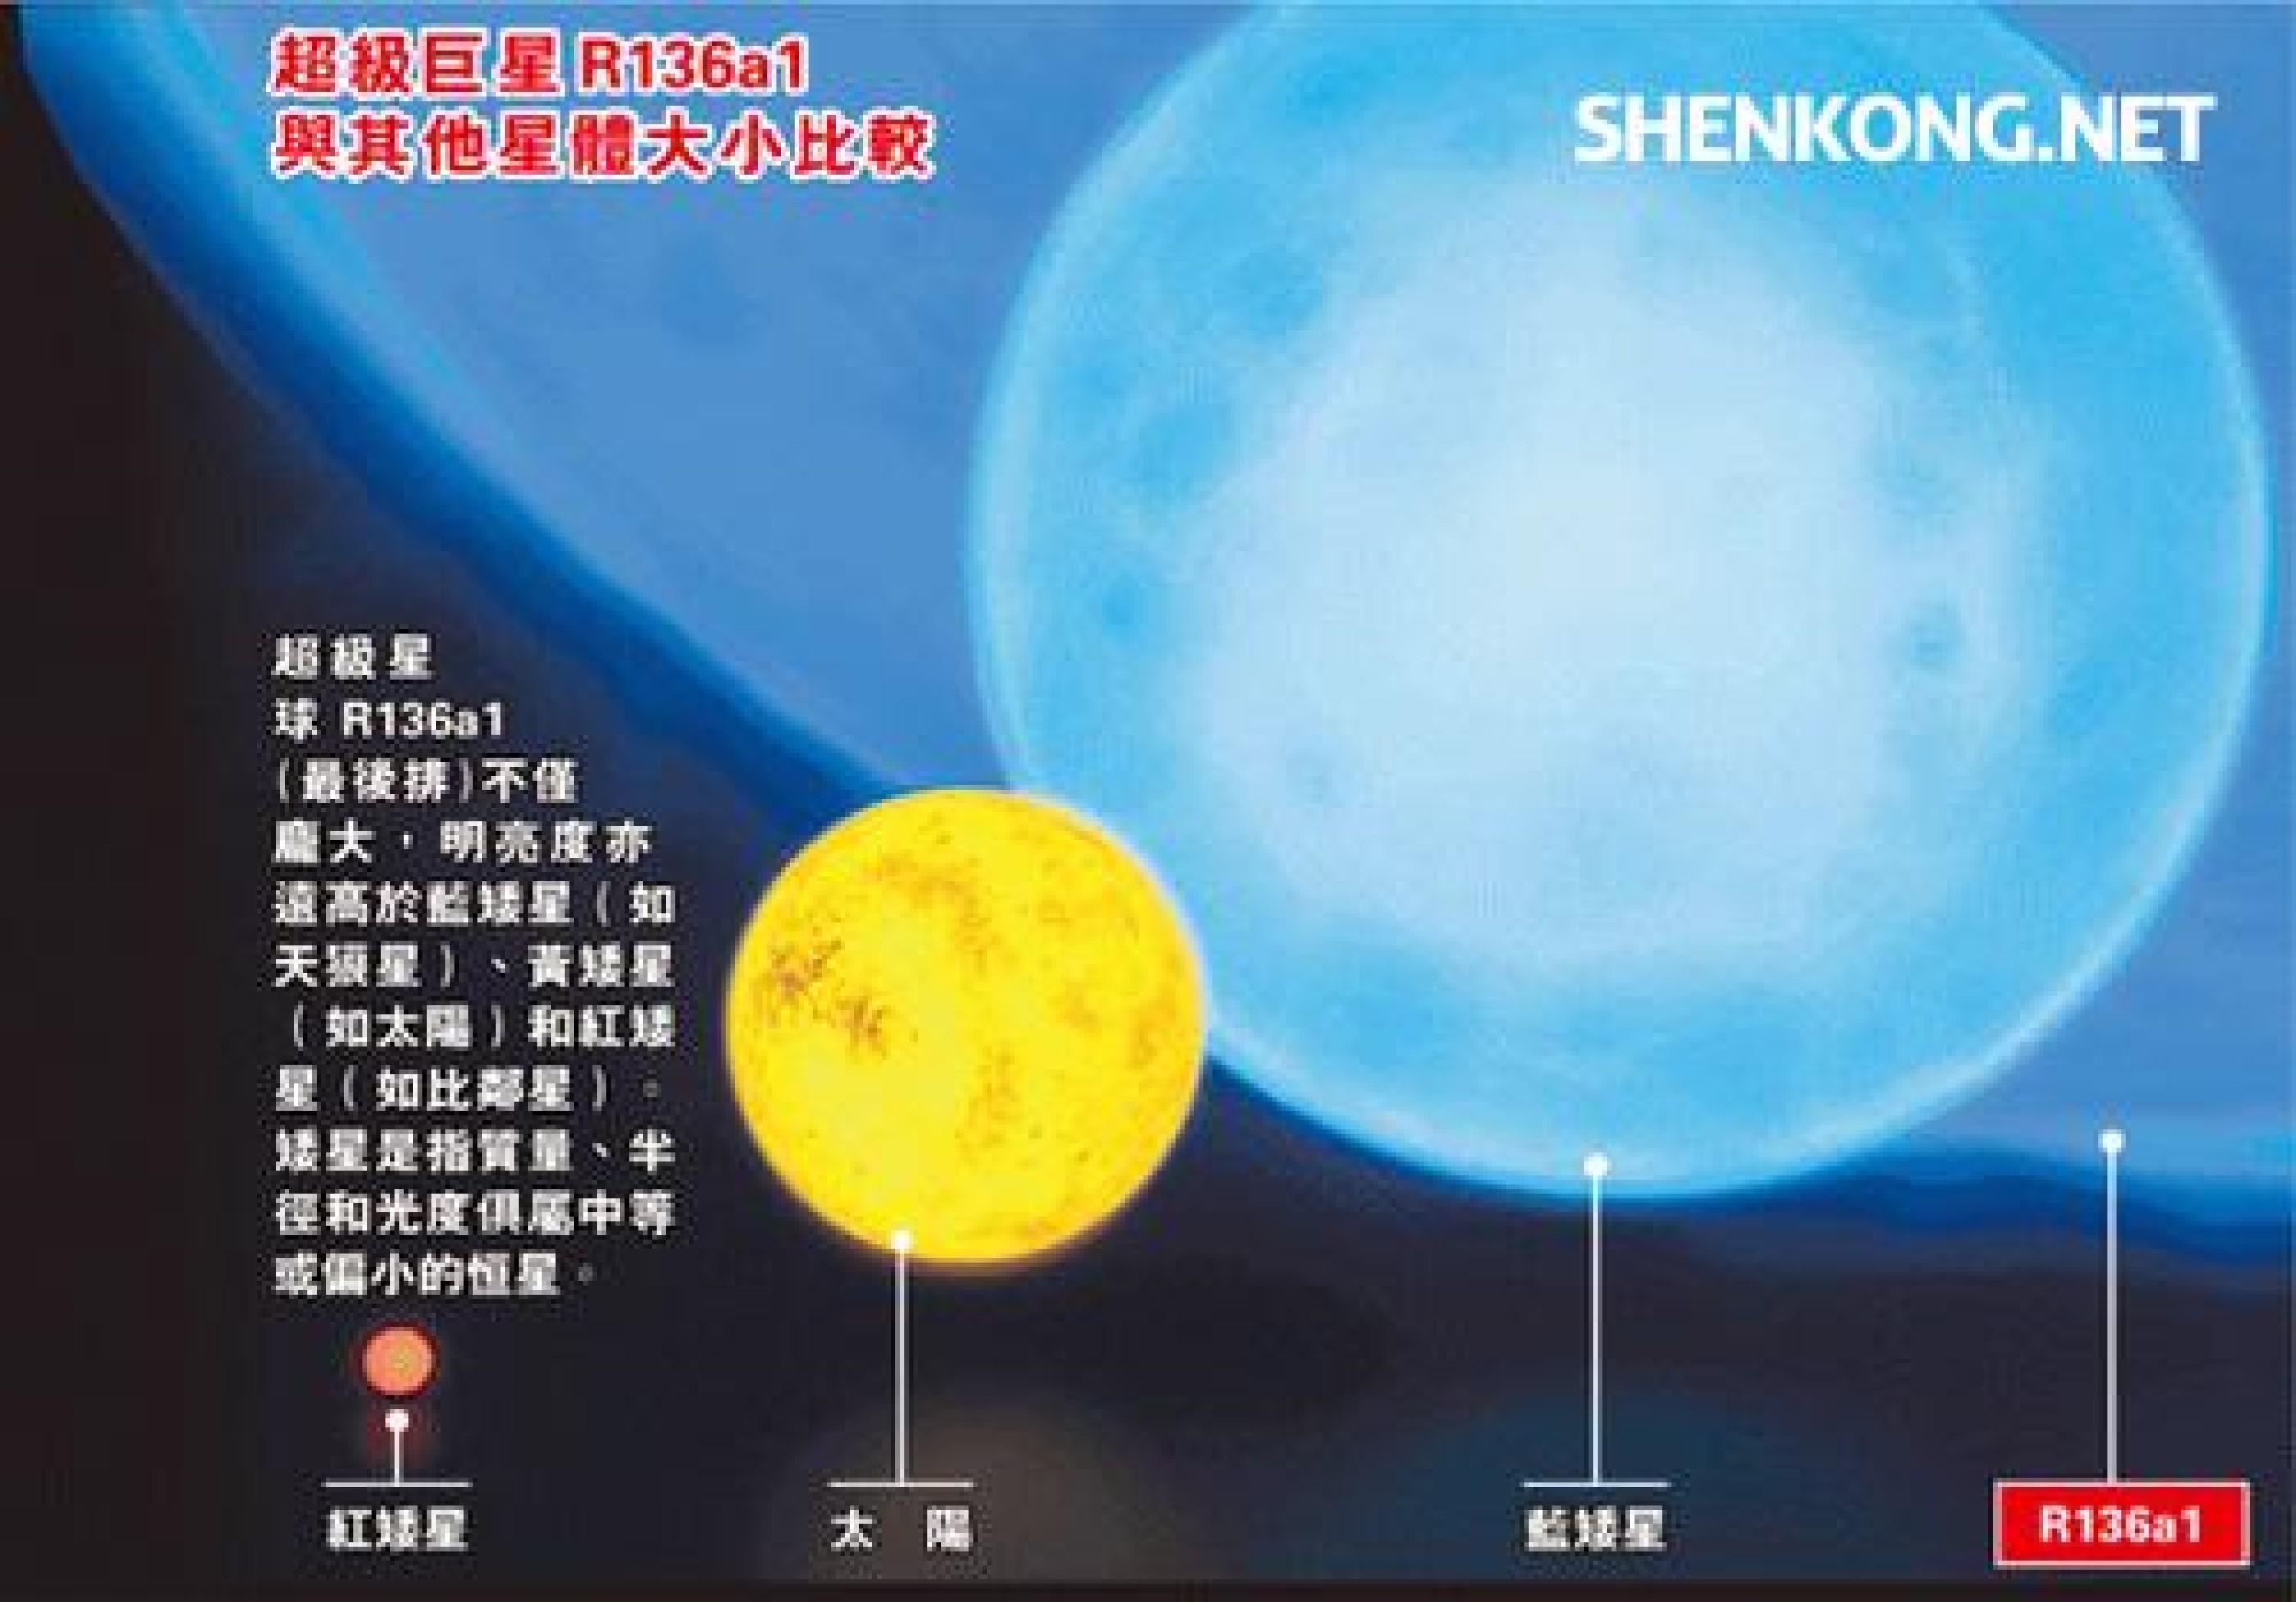 把迄今发现最亮的恒星放在比邻星位置,我们会看到两个太阳吗?